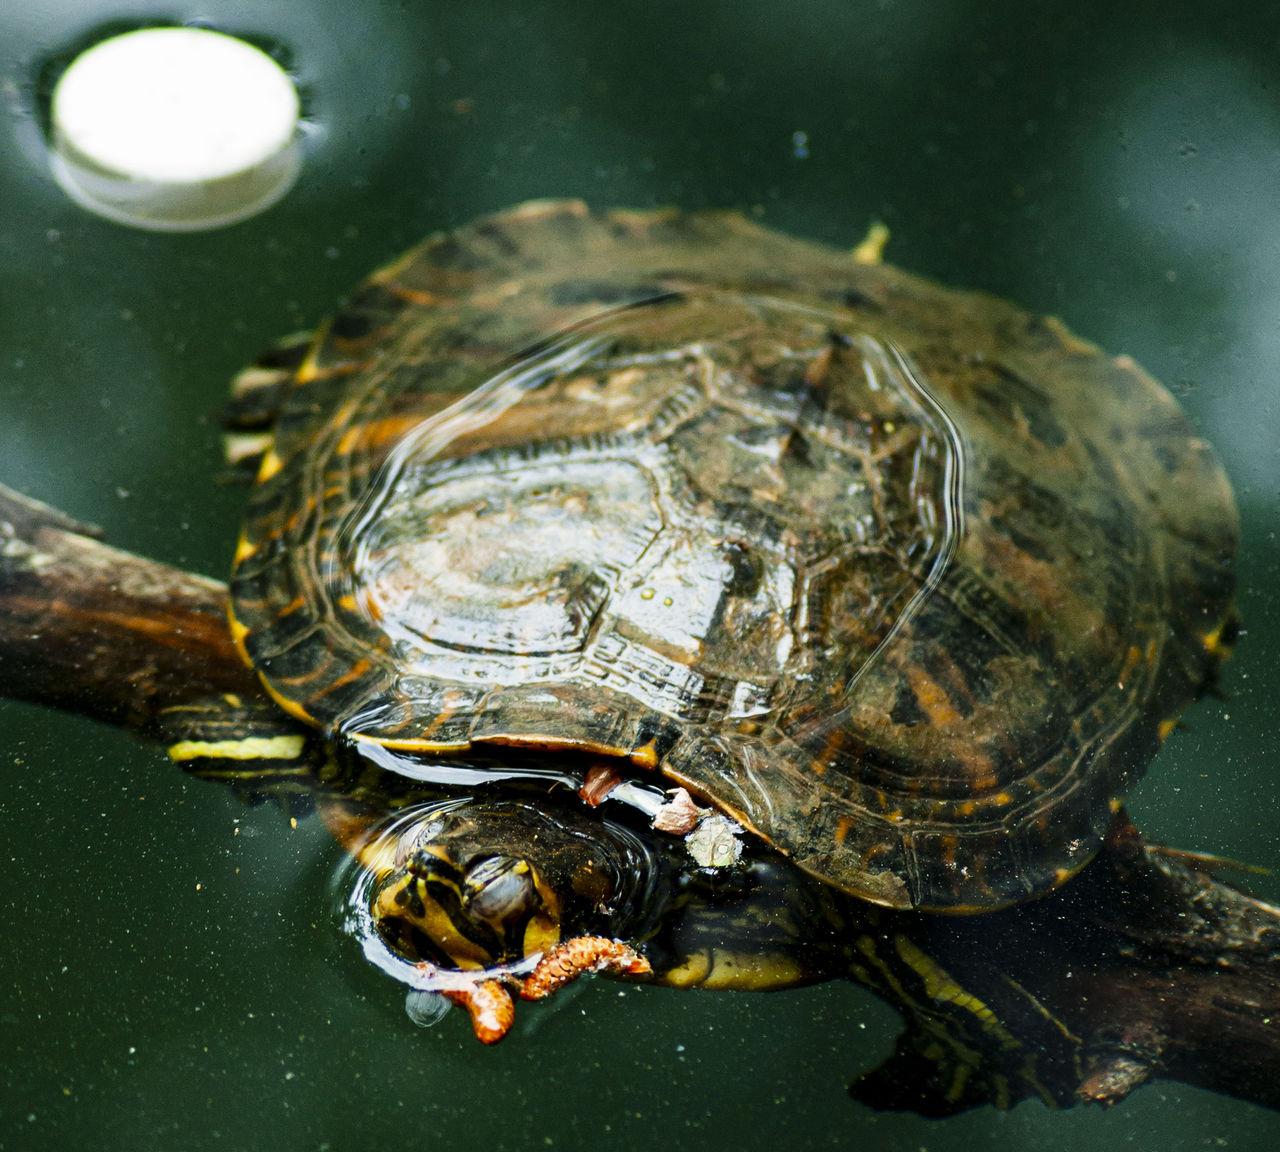 Sköldpaddor tror att plast är mat